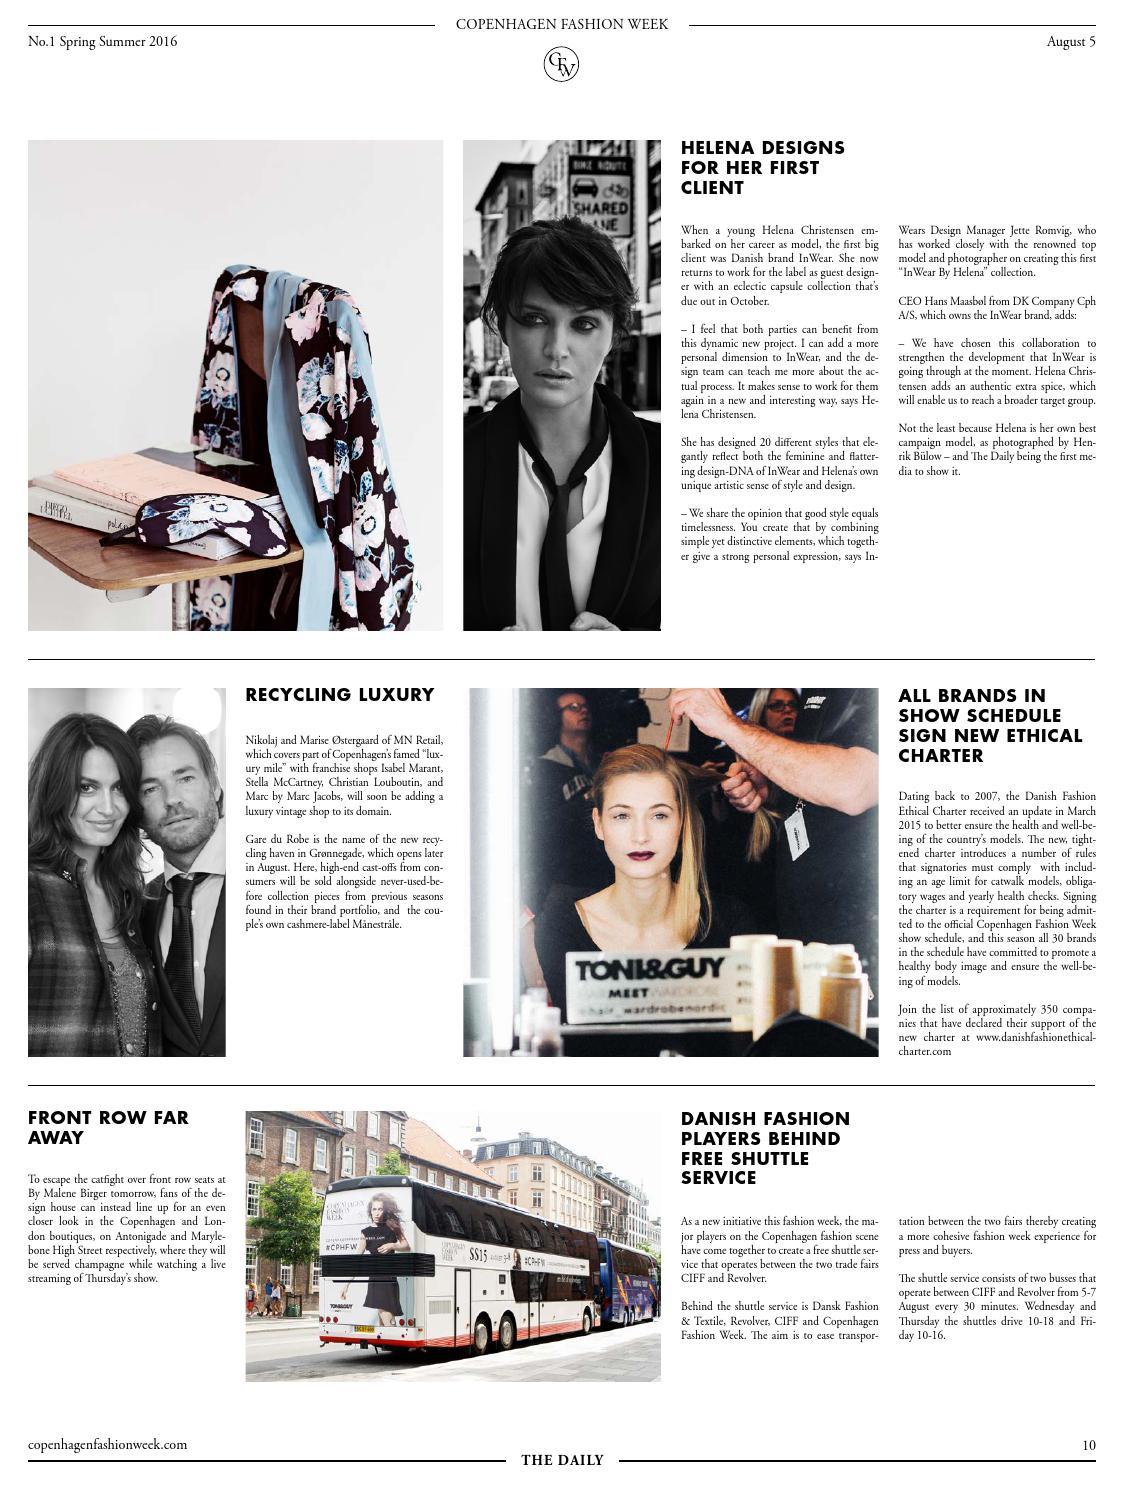 Copenhagen Fashion Week The Daily No  1 by Copenhagen Fashion Week